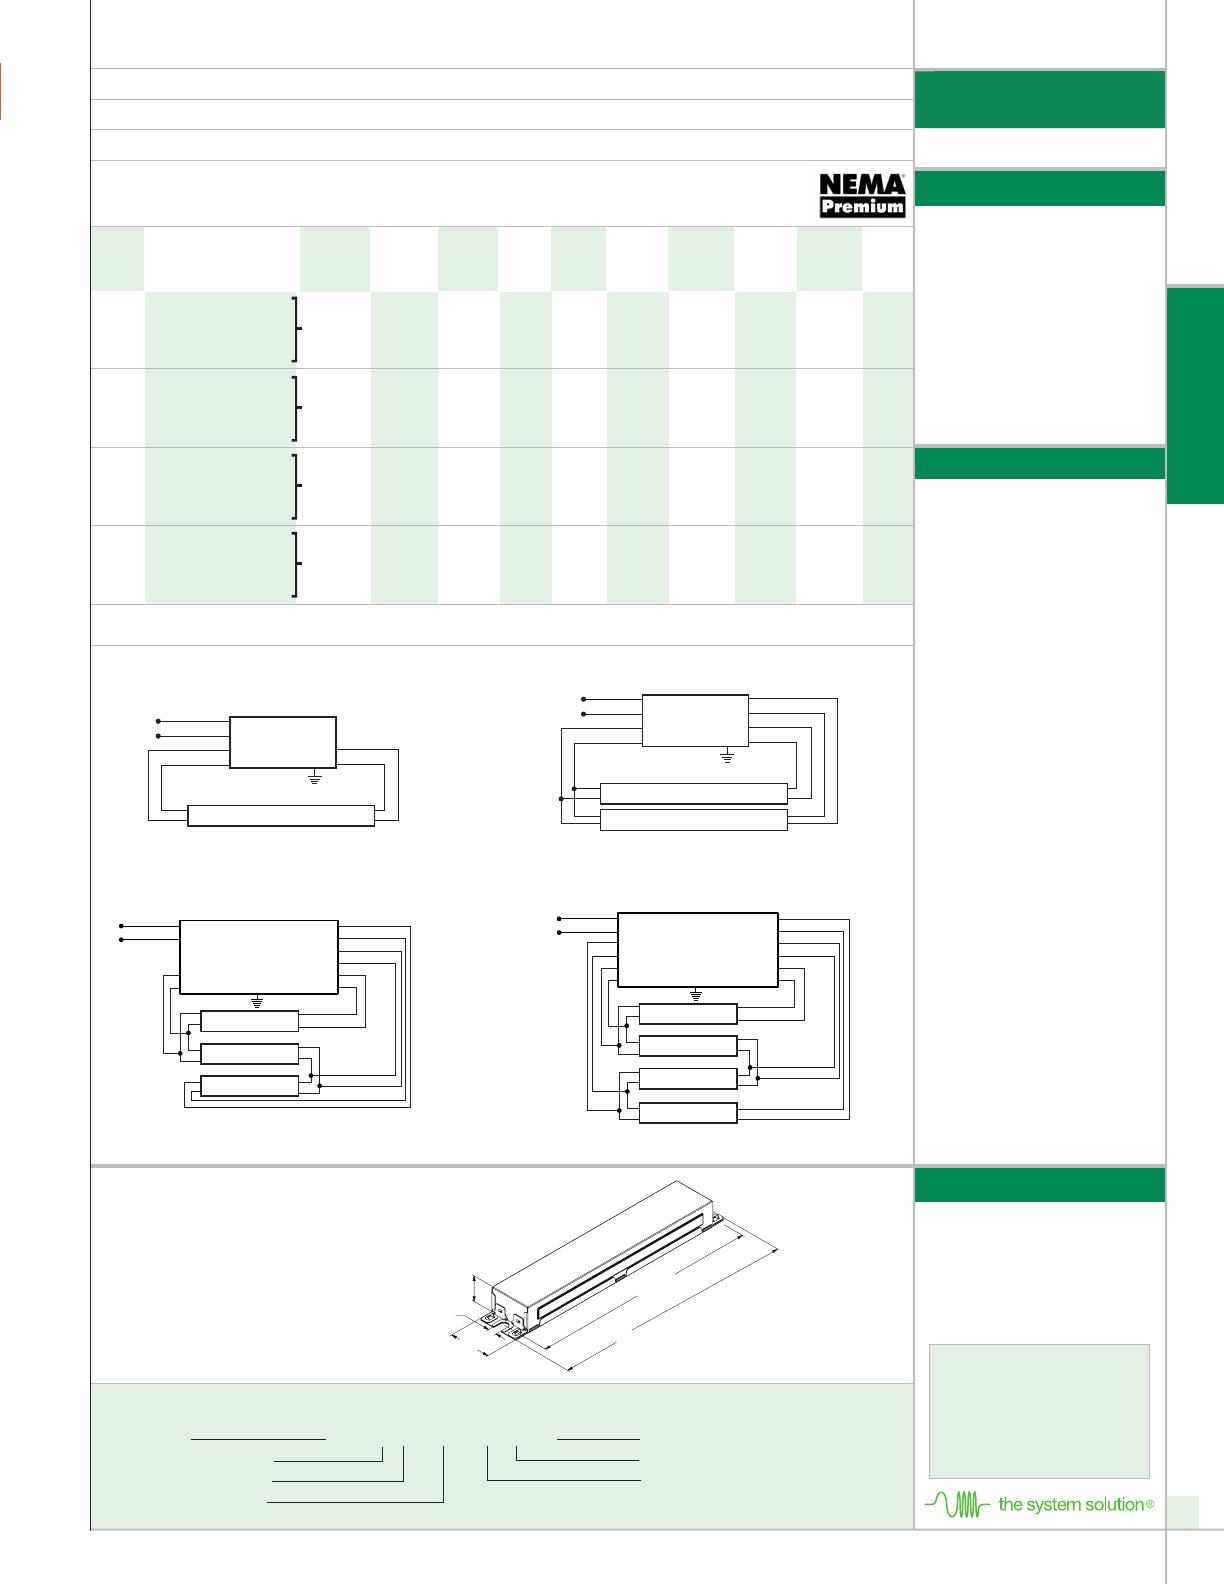 Pg034 035_QTP_UNV_PSX Brochure on